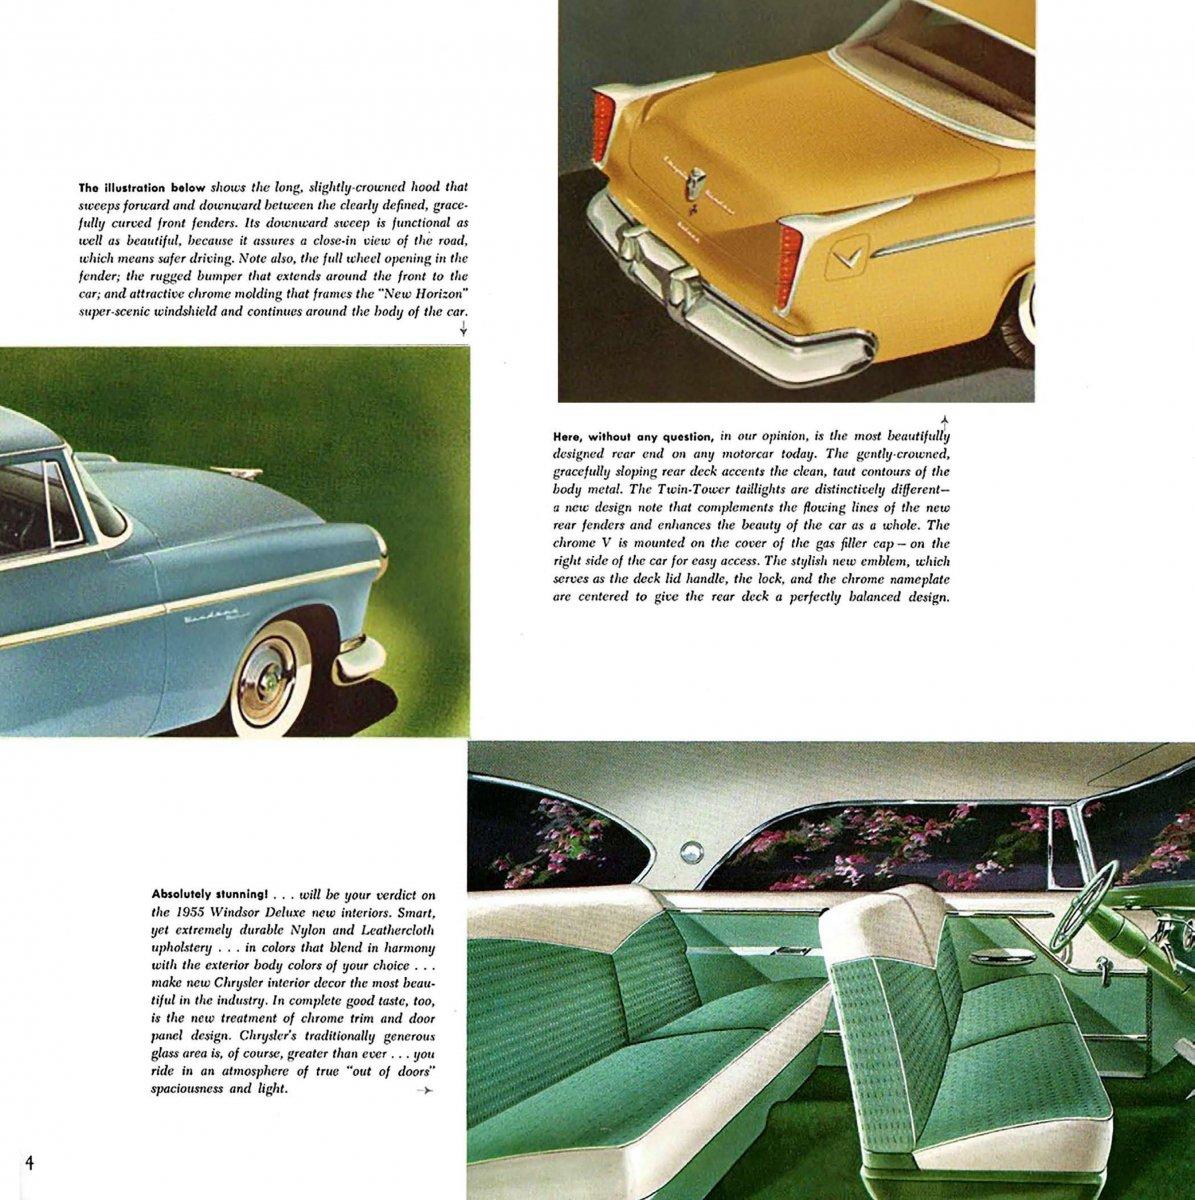 1955_Chrysler_Windsor_Brochure_1-16_04.jpg